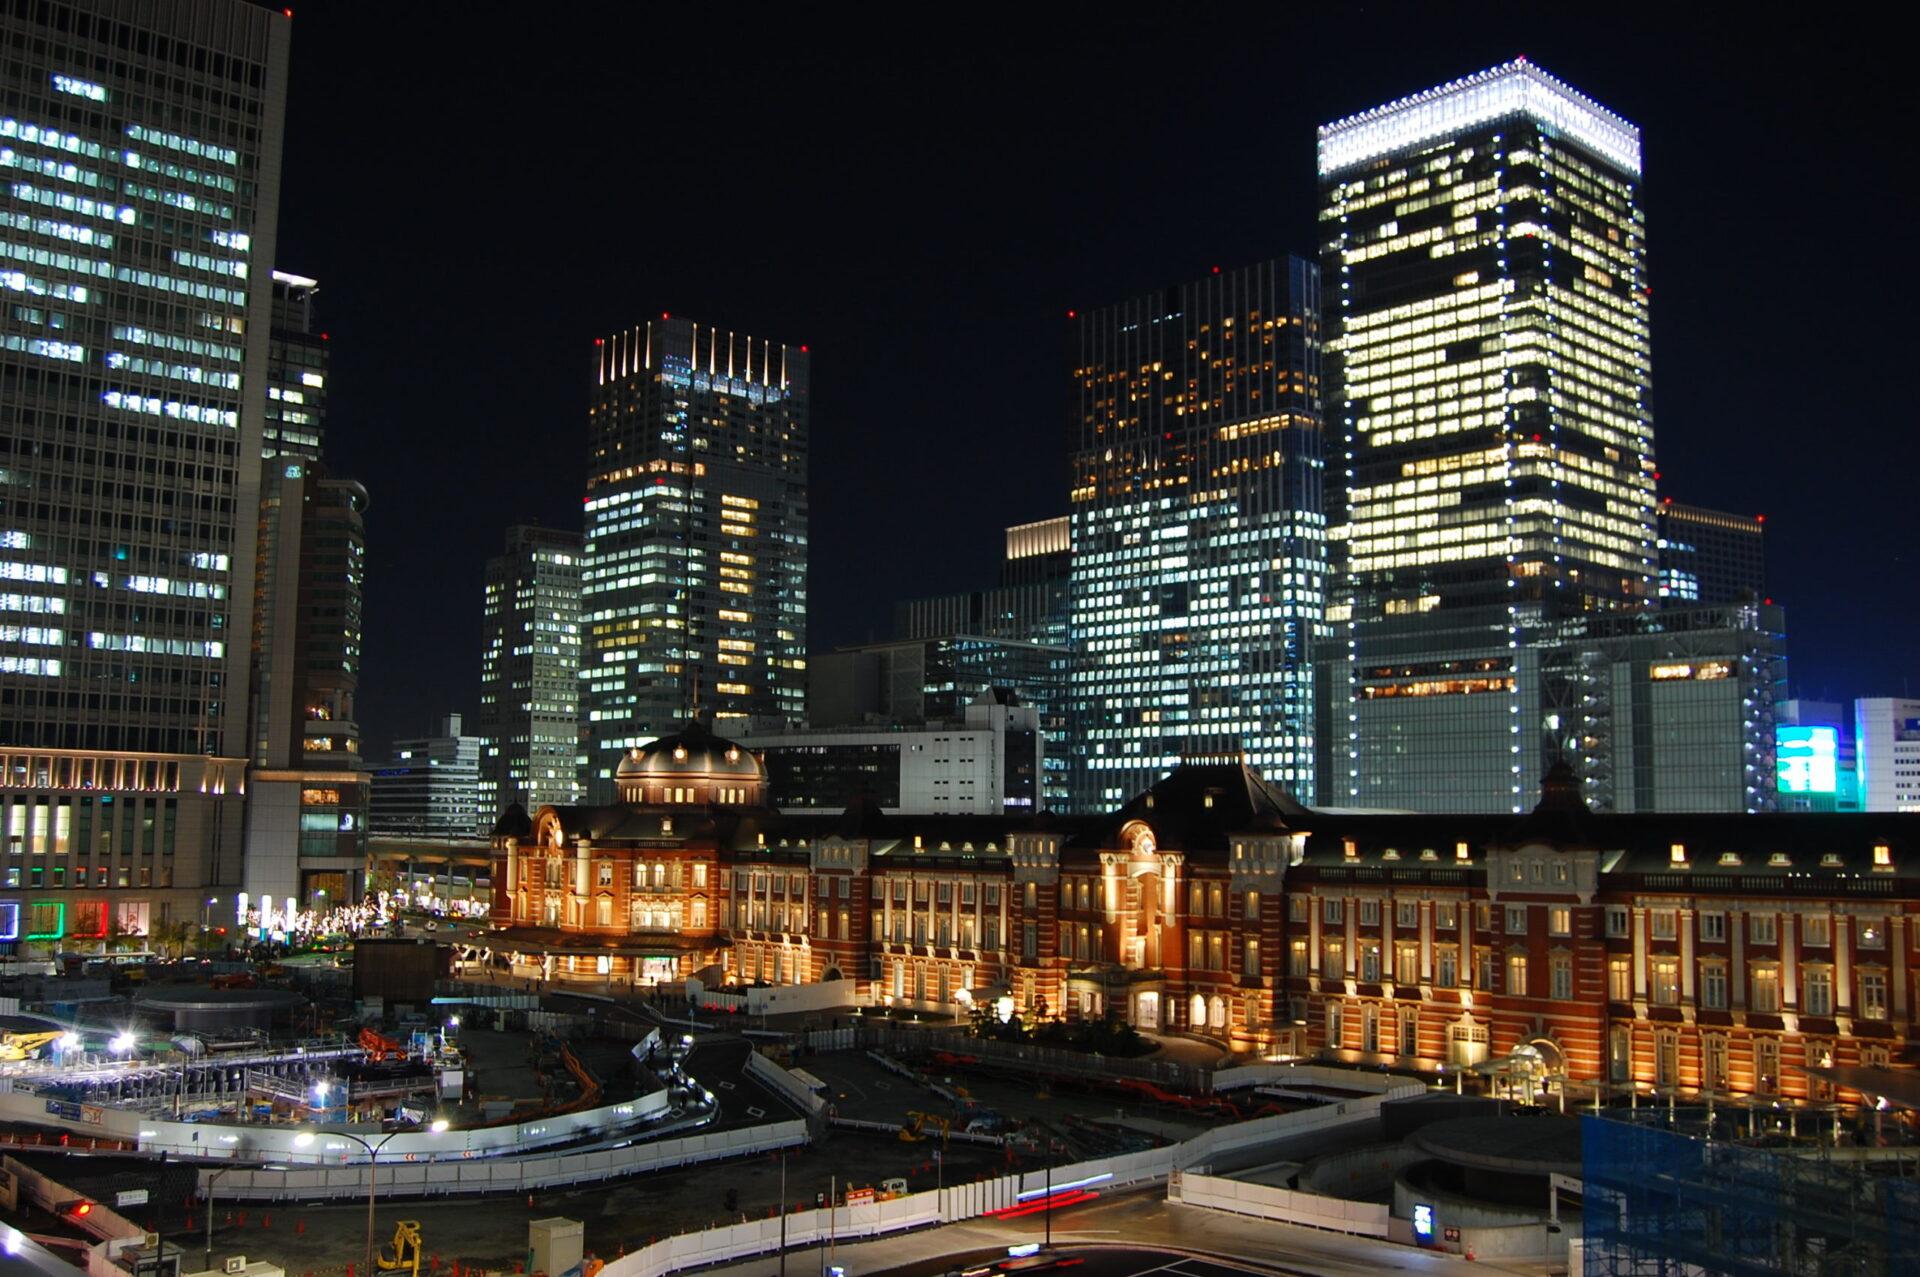 まとめ【東京駅舎のレンガ造りは当時を忠実に再現している】